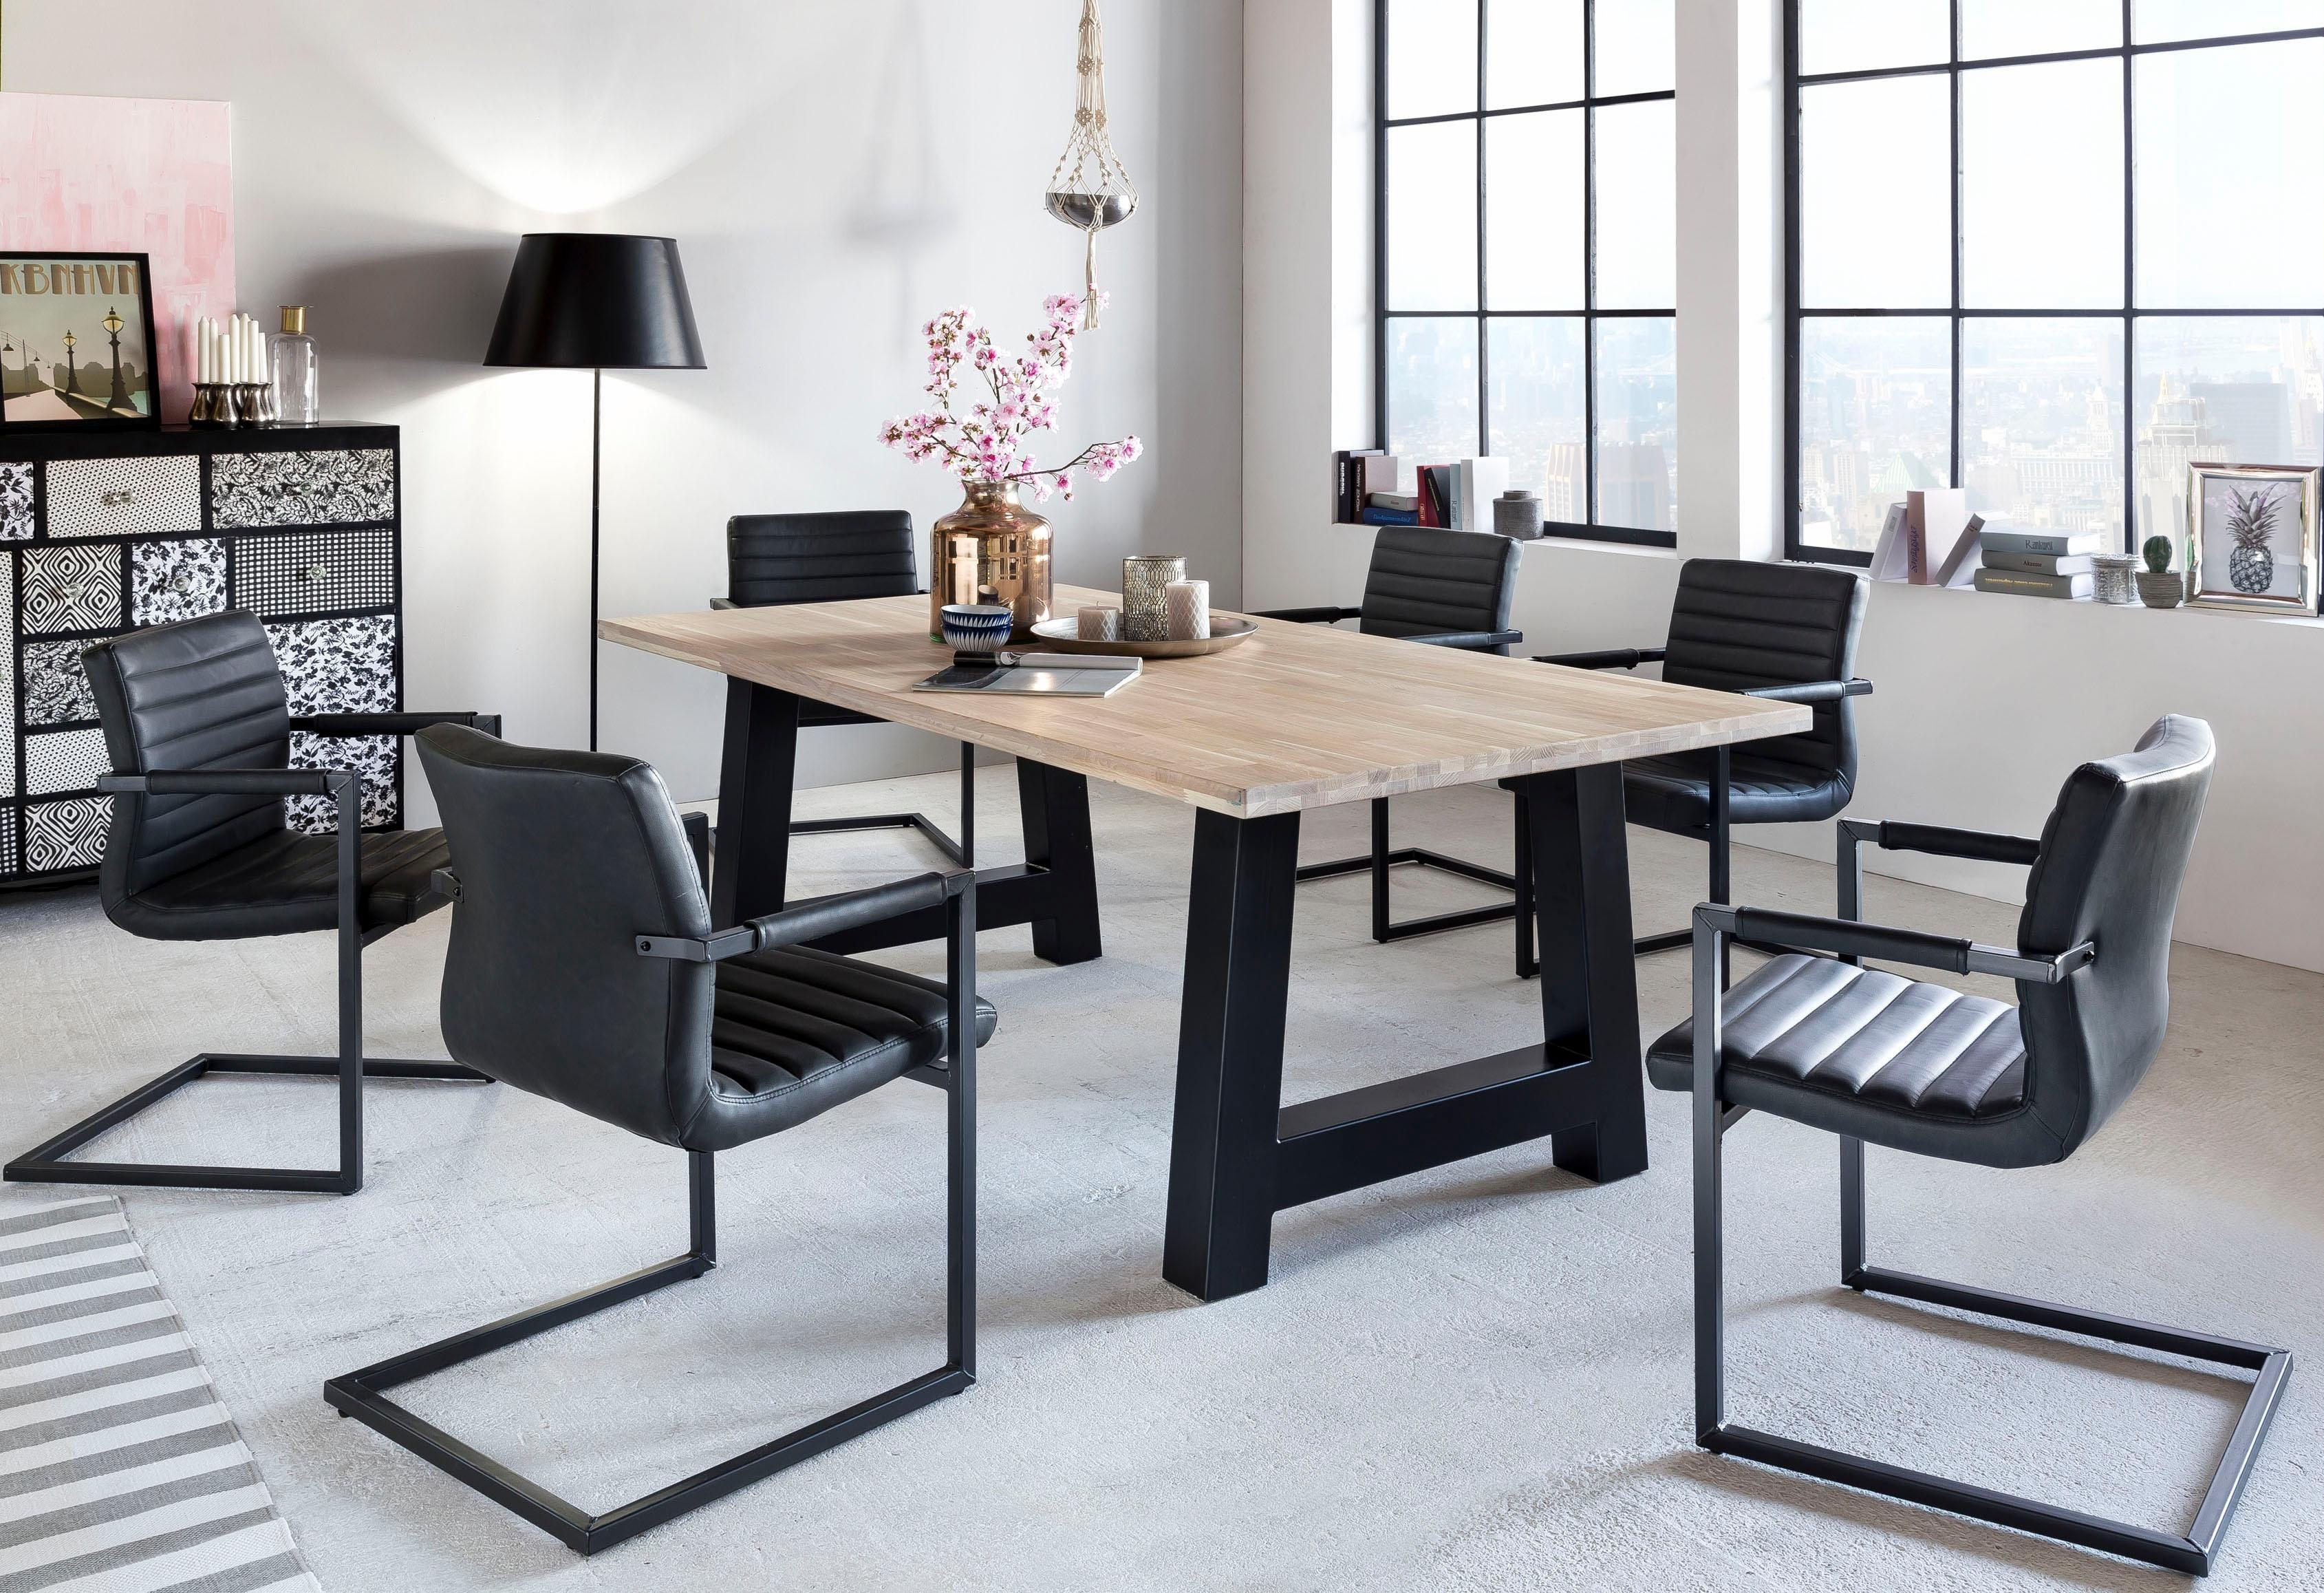 eiche-weiss-eiche Esstische online kaufen | Möbel-Suchmaschine ...